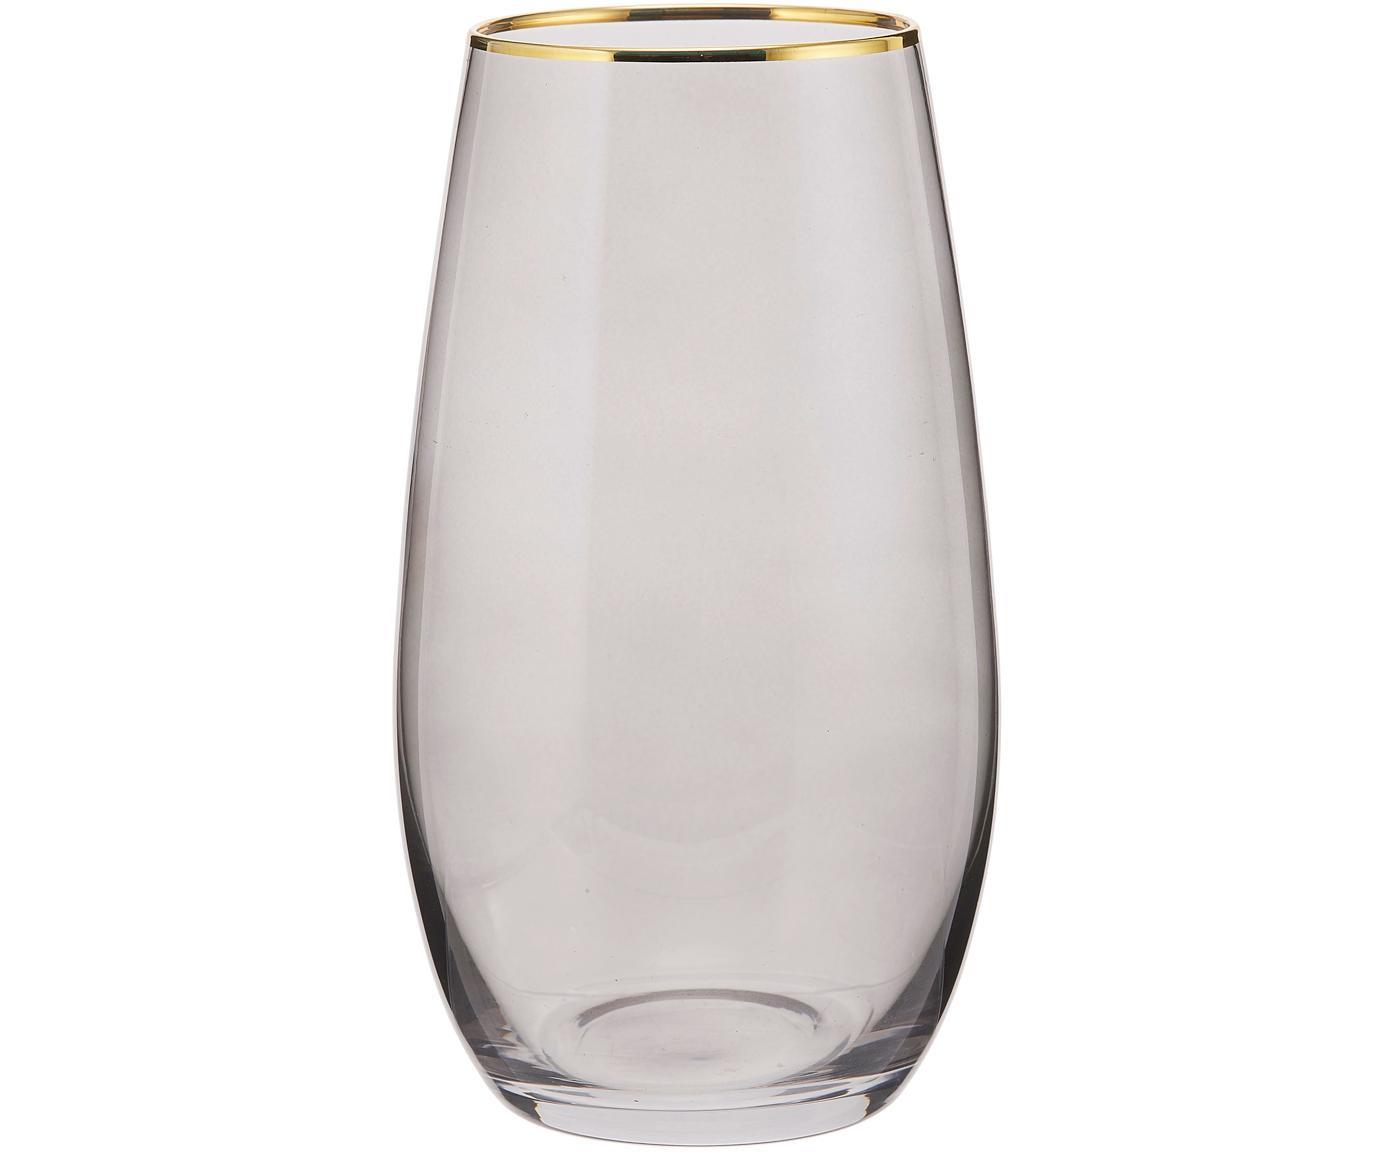 Waterglazen Chloe, 4 stuks, Glas, Grijsblauw, Ø 9 x H 16 cm